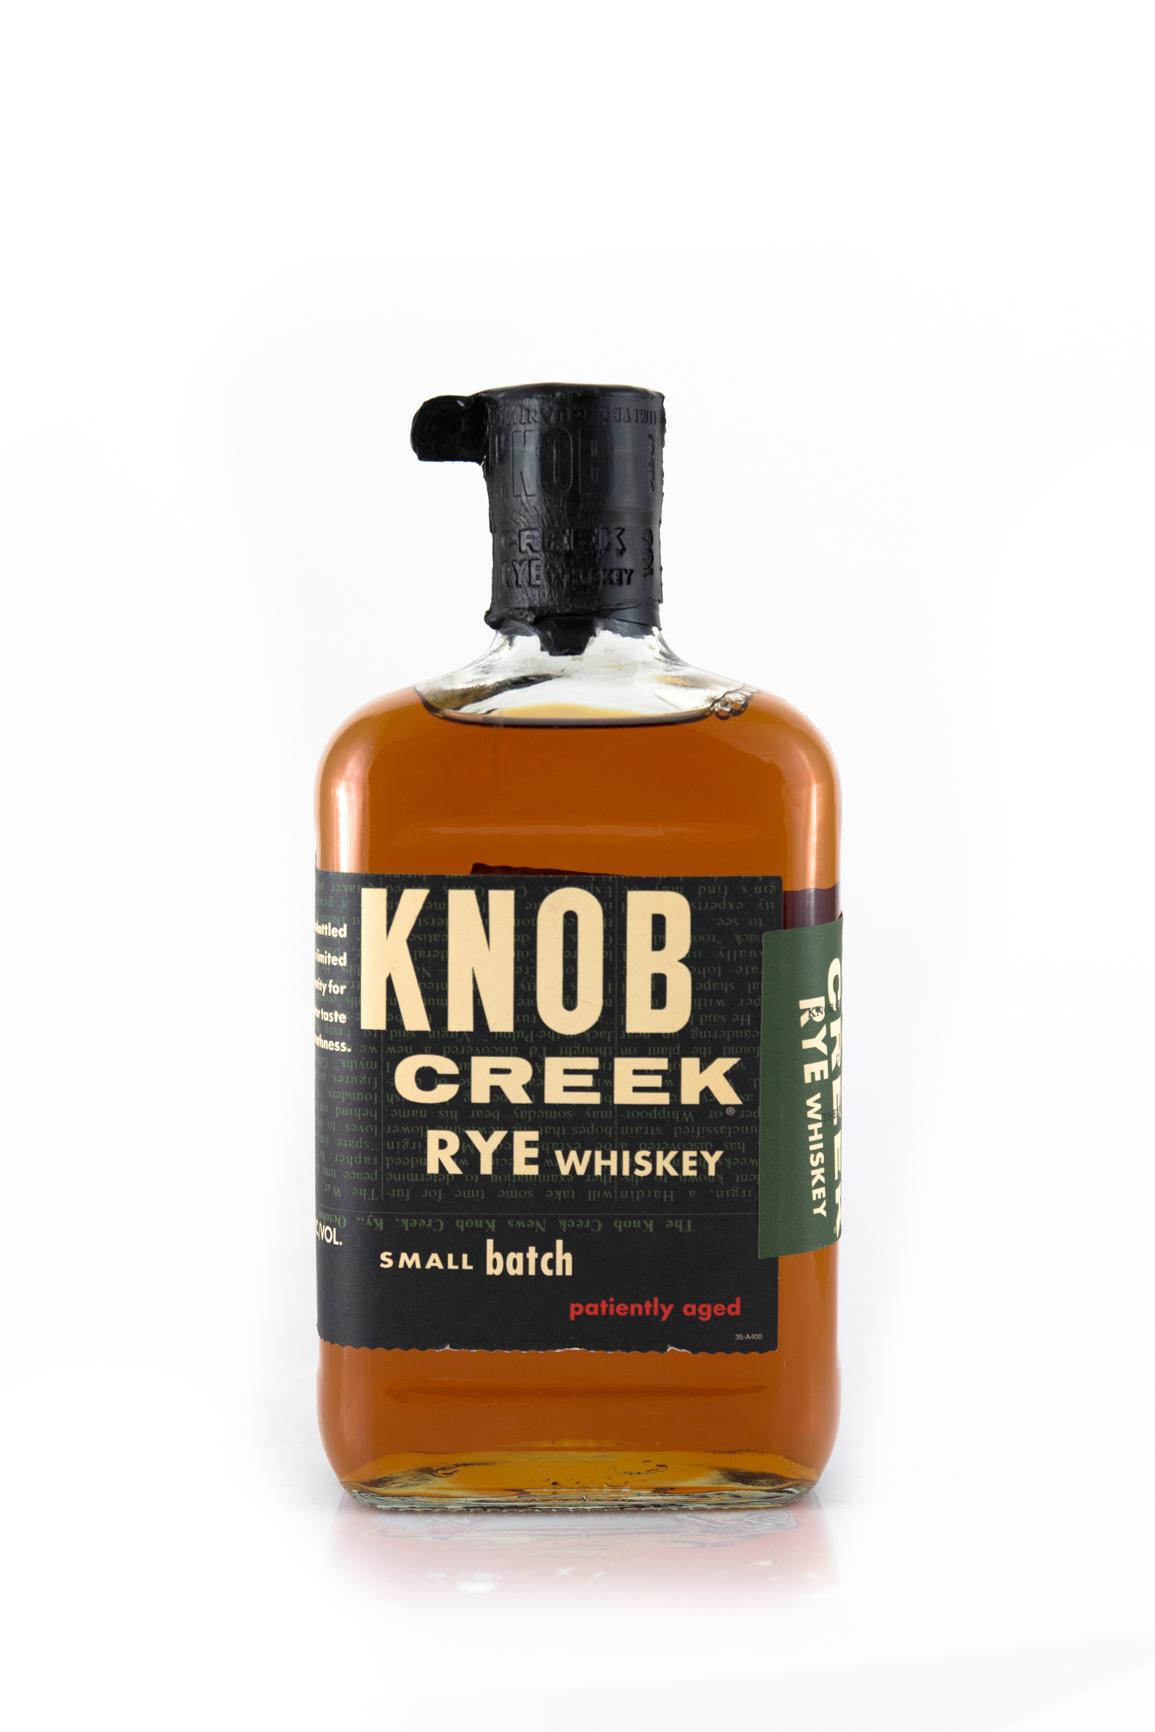 knob creek straight rye whiskey kaufen ab 3593 eur im rye whisky